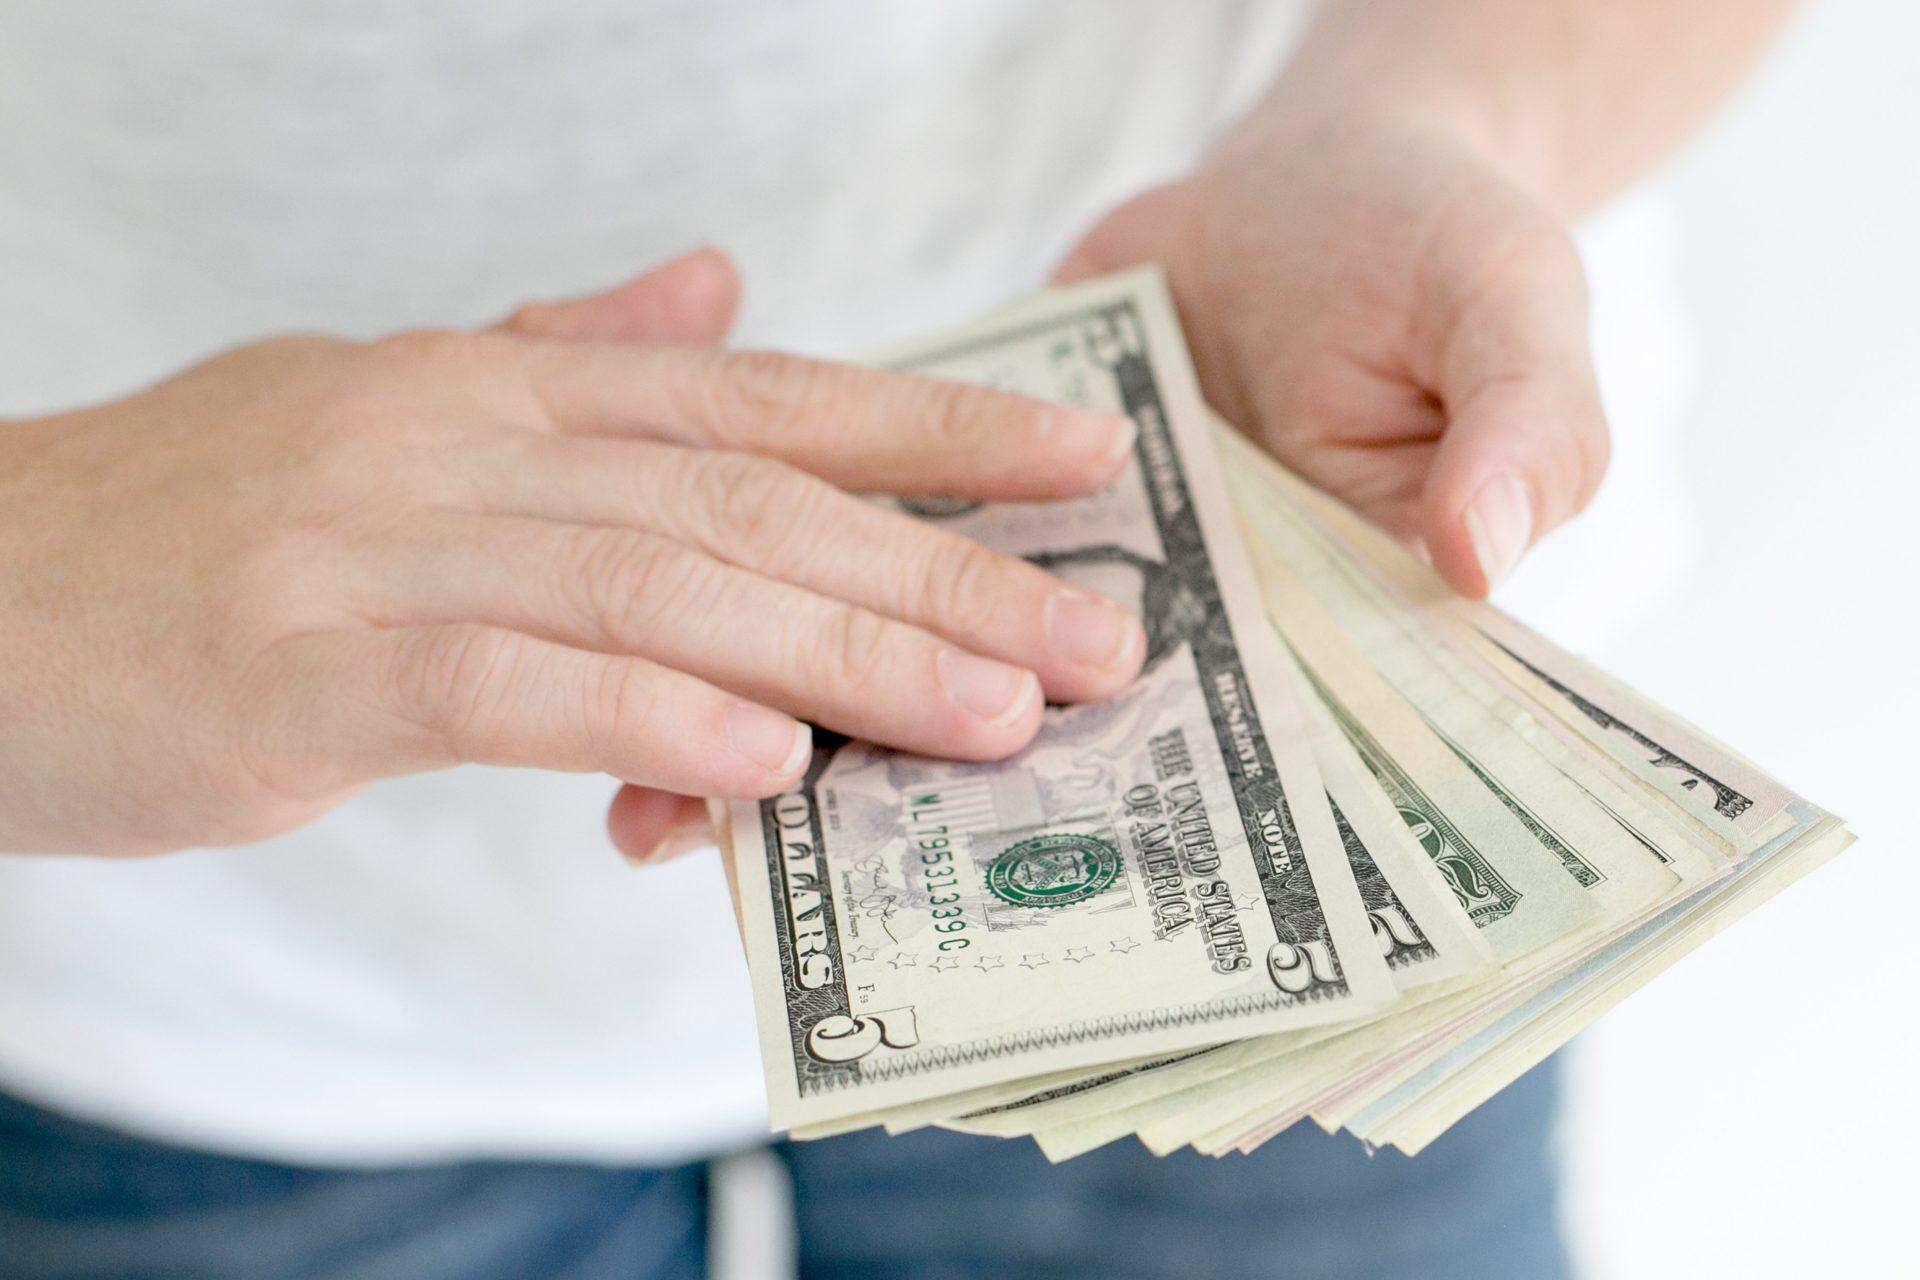 紙幣を数える男性の手元。Tシャツにジーパン。